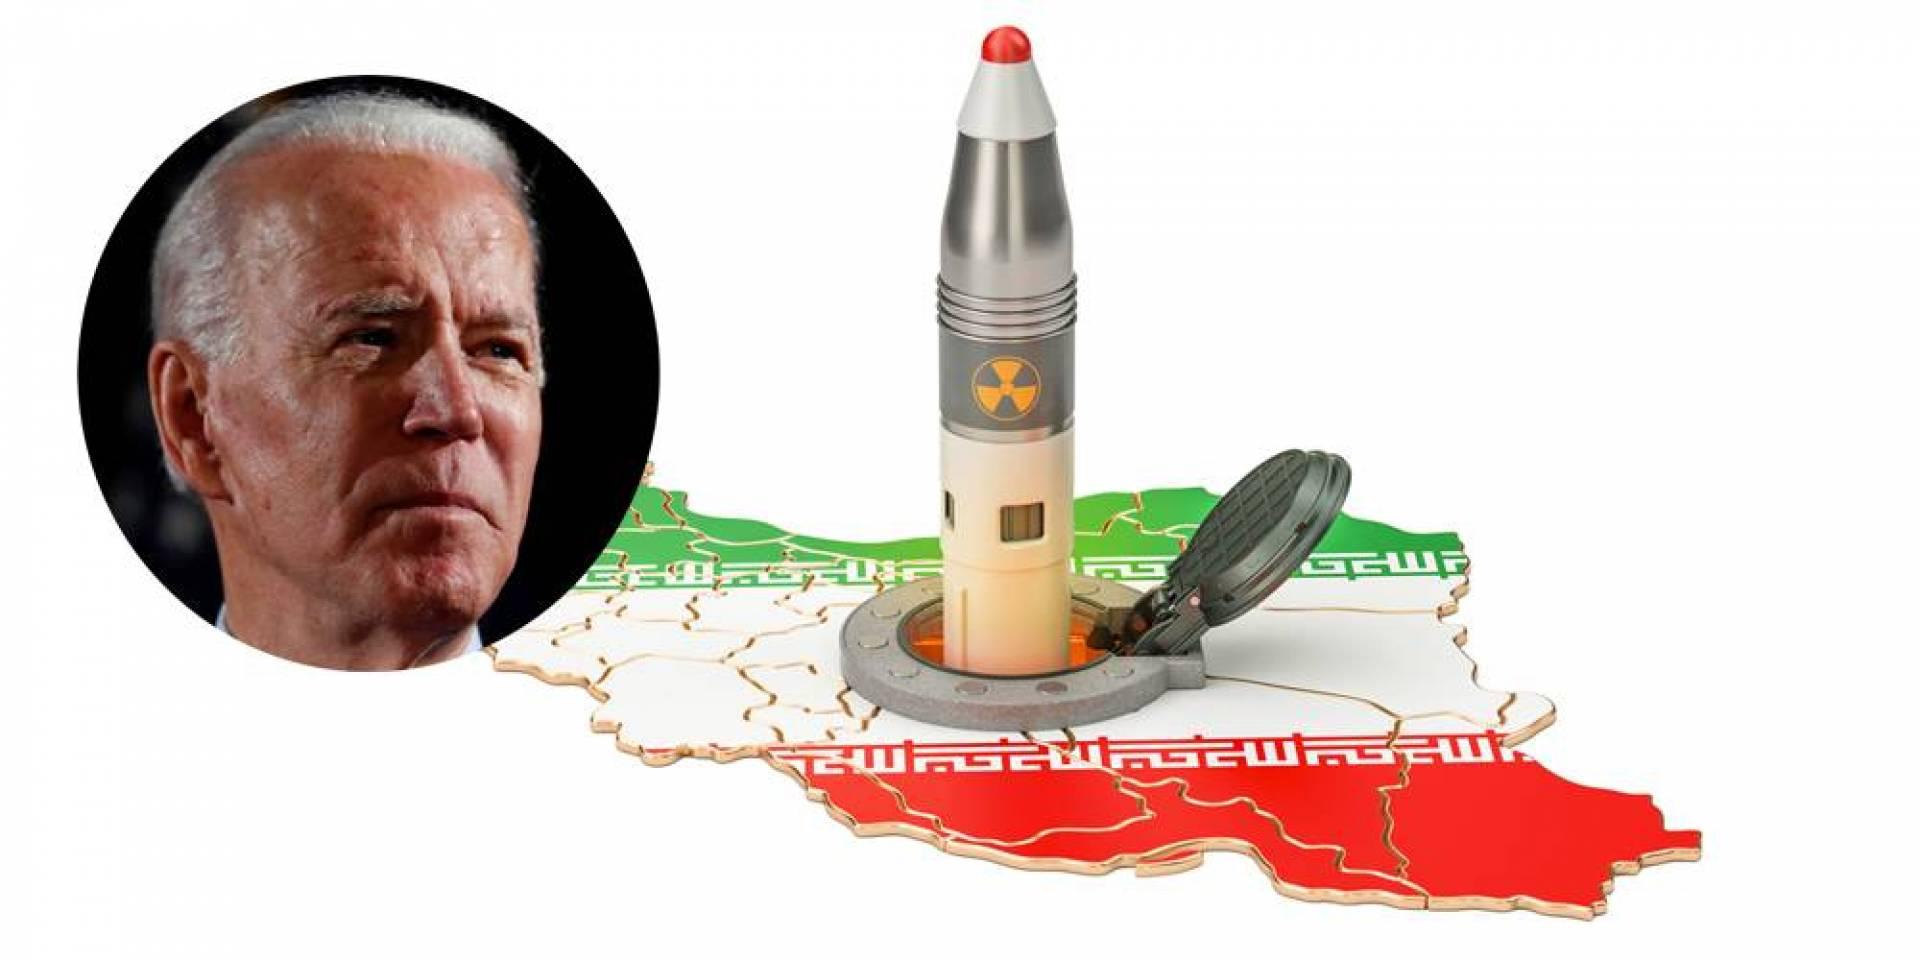 «وول ستريت»: دول المنطقة تخشى عودة بايدن لسياسة استرضاء إيران